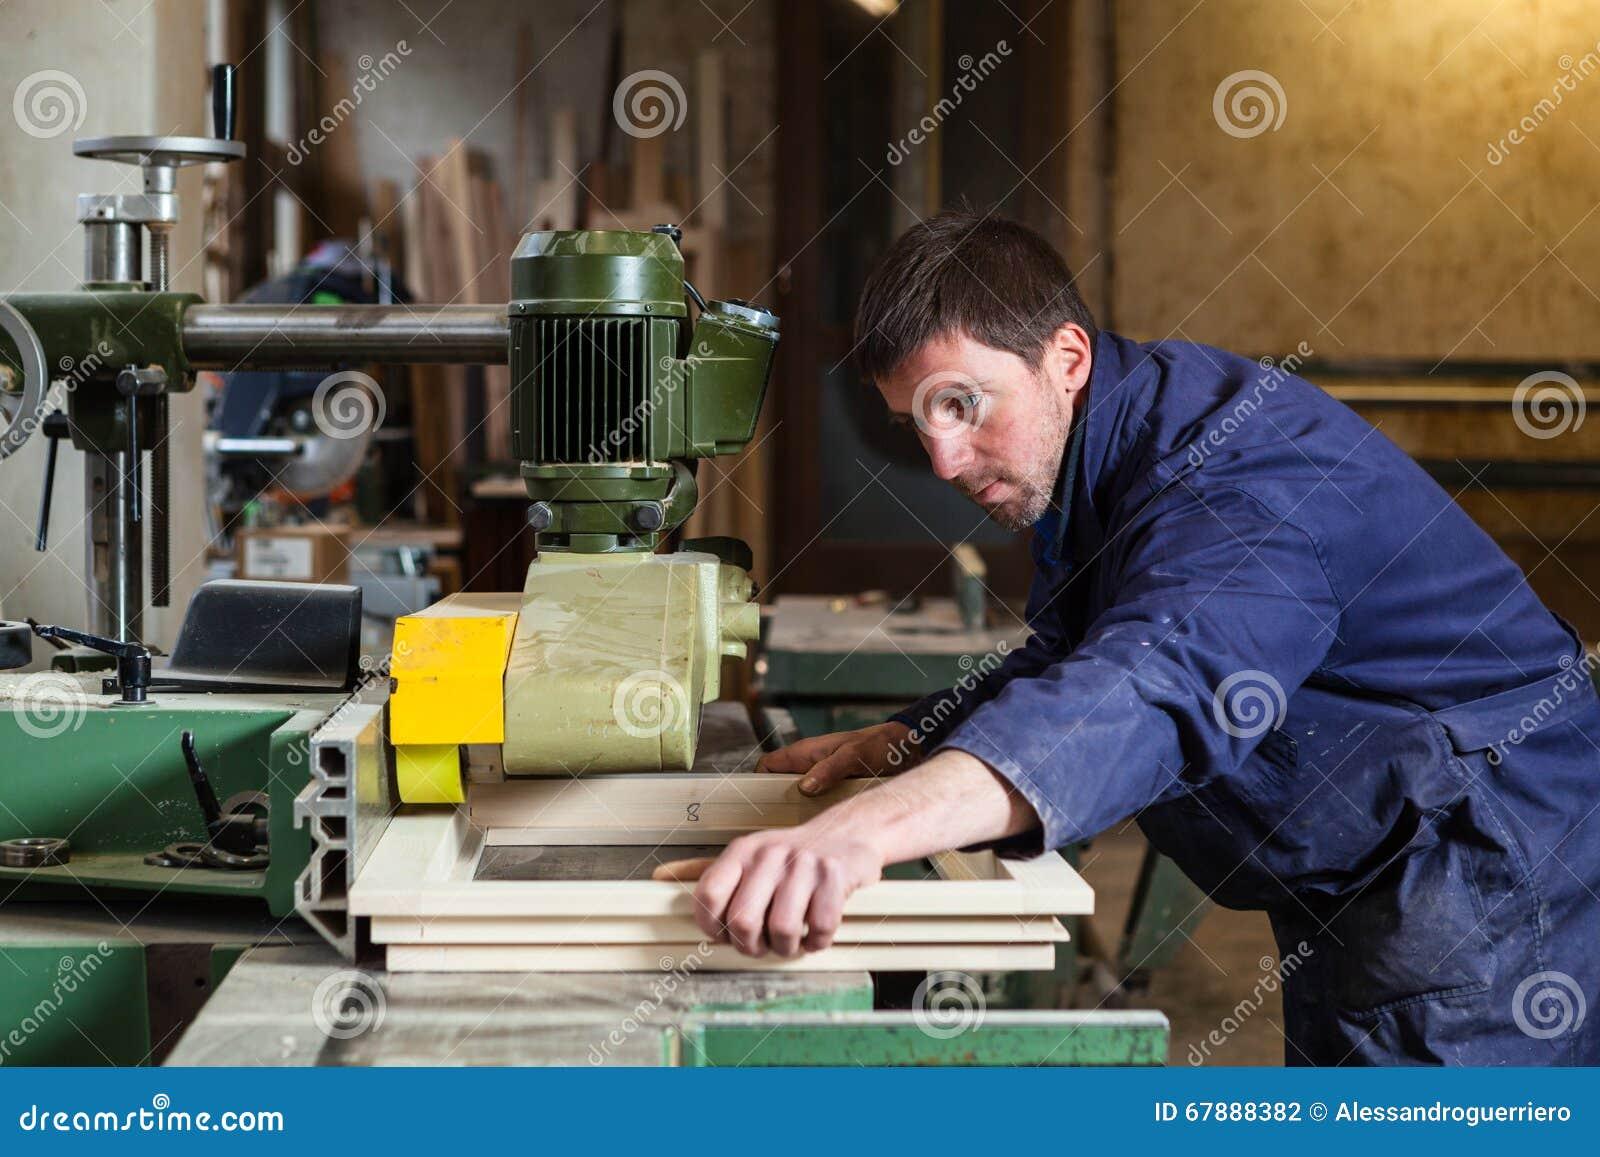 木匠人与tablesaw一起使用在车间